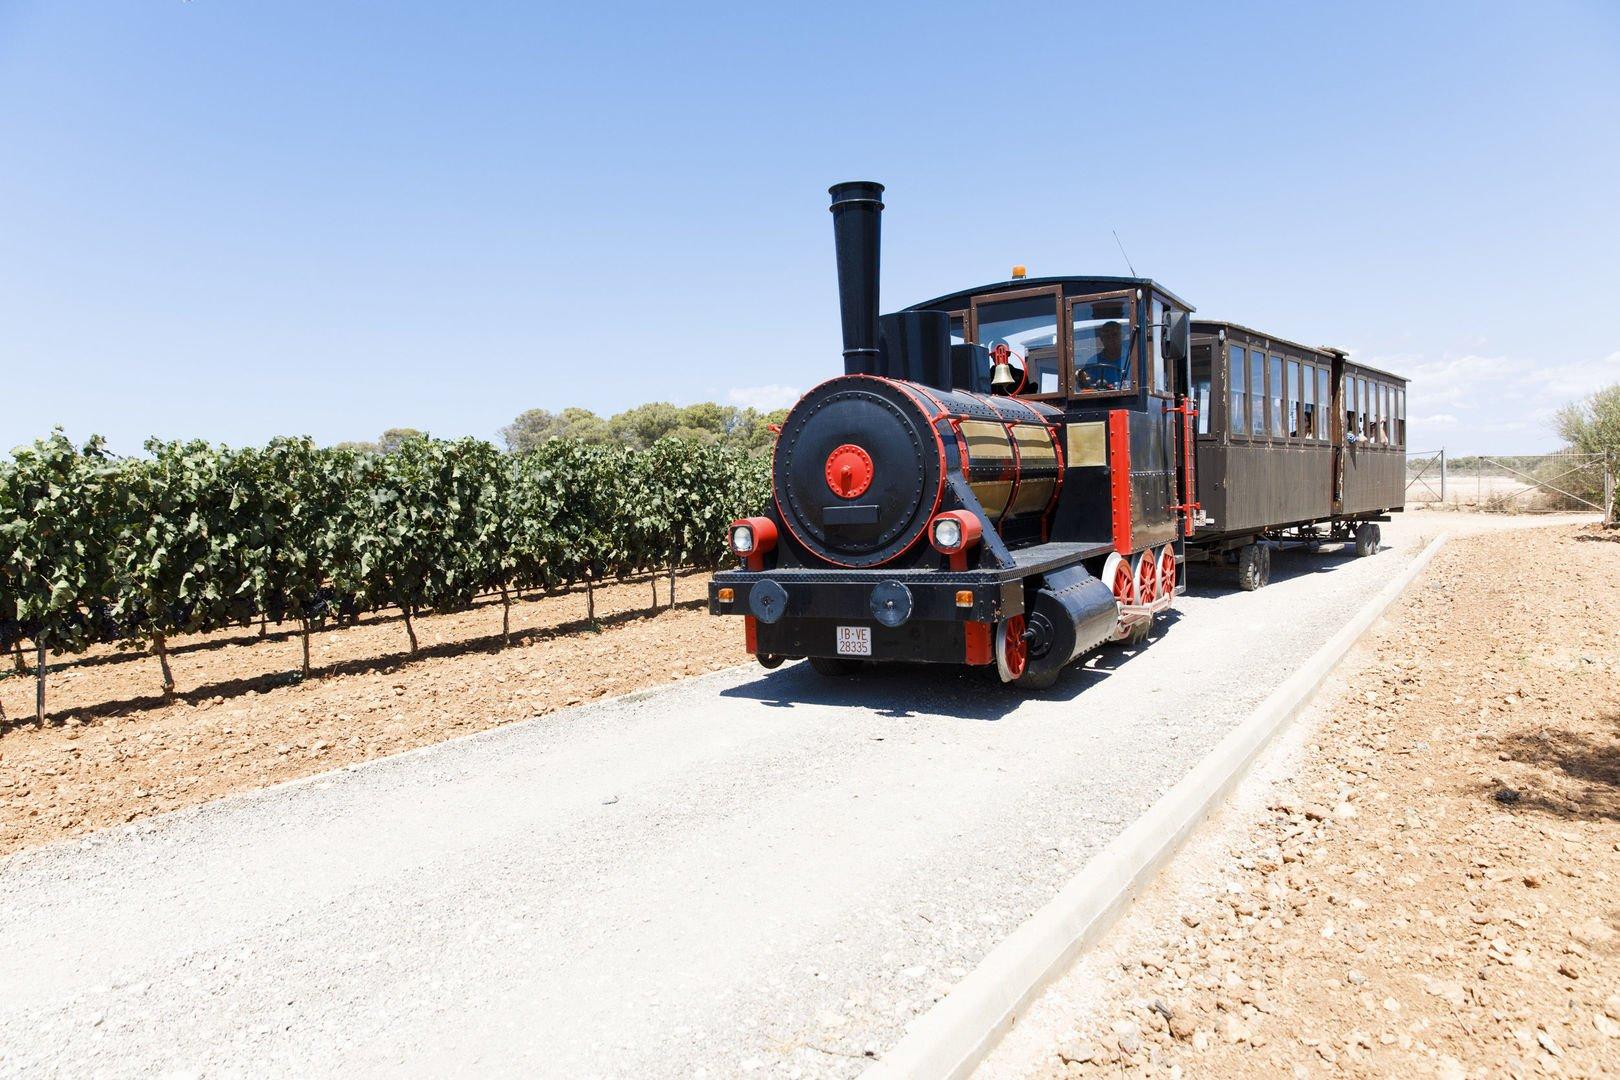 Zugfahrt auf Weinberg auf Mallorca